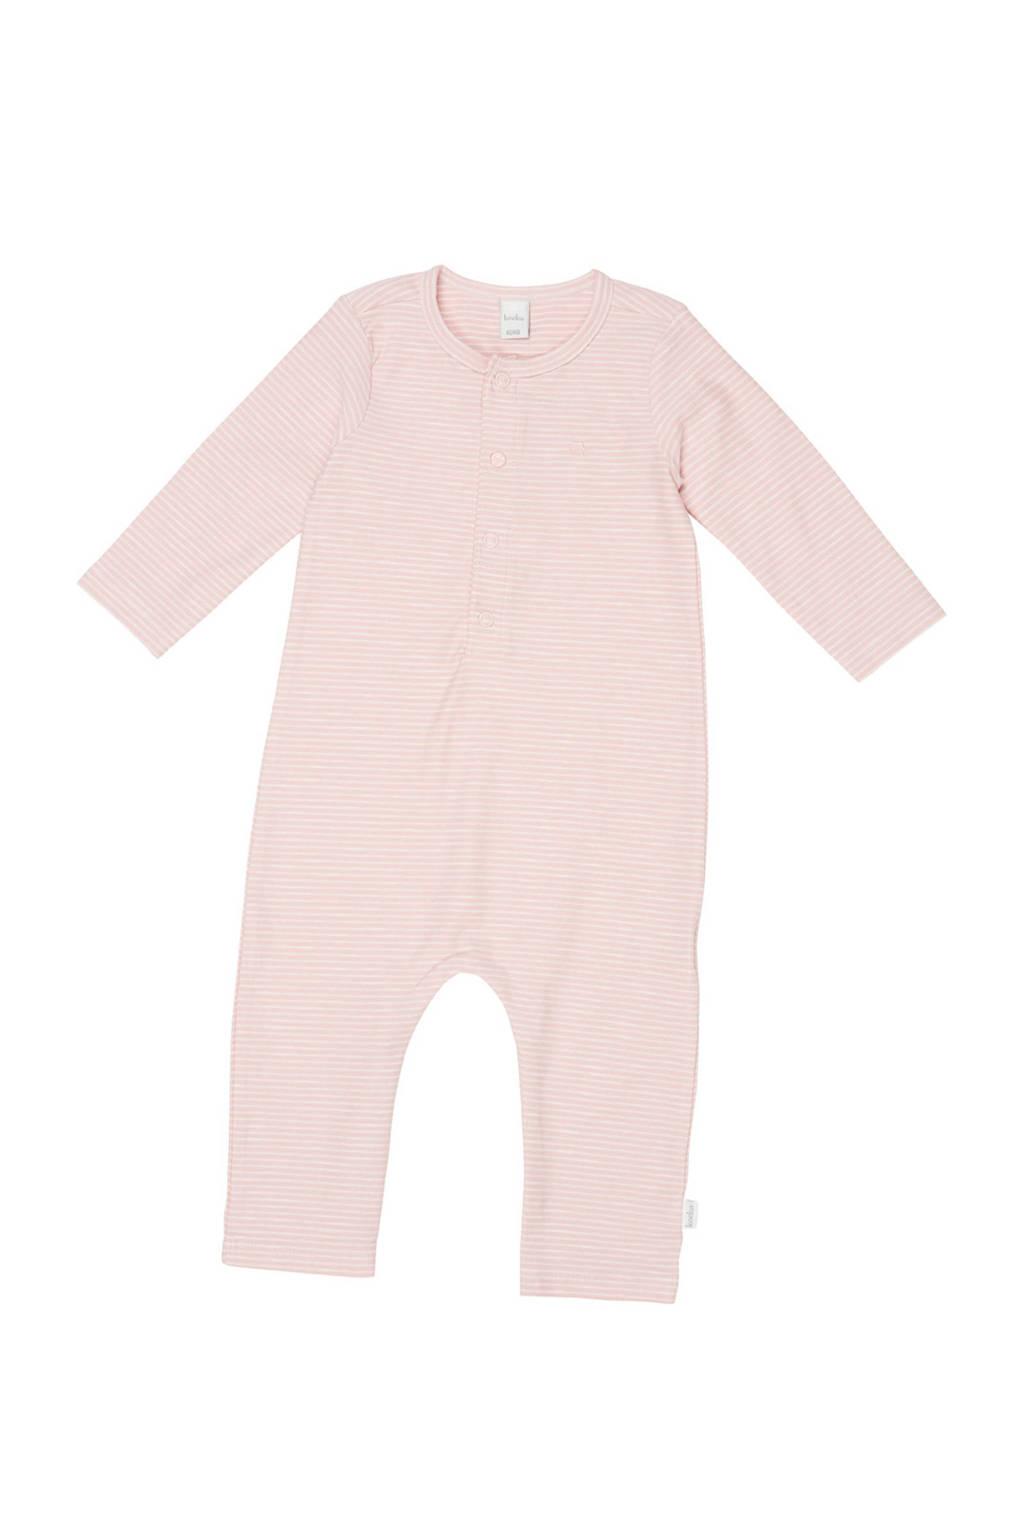 Koeka newborn baby gestreept boxpak Linescape roze, Roze